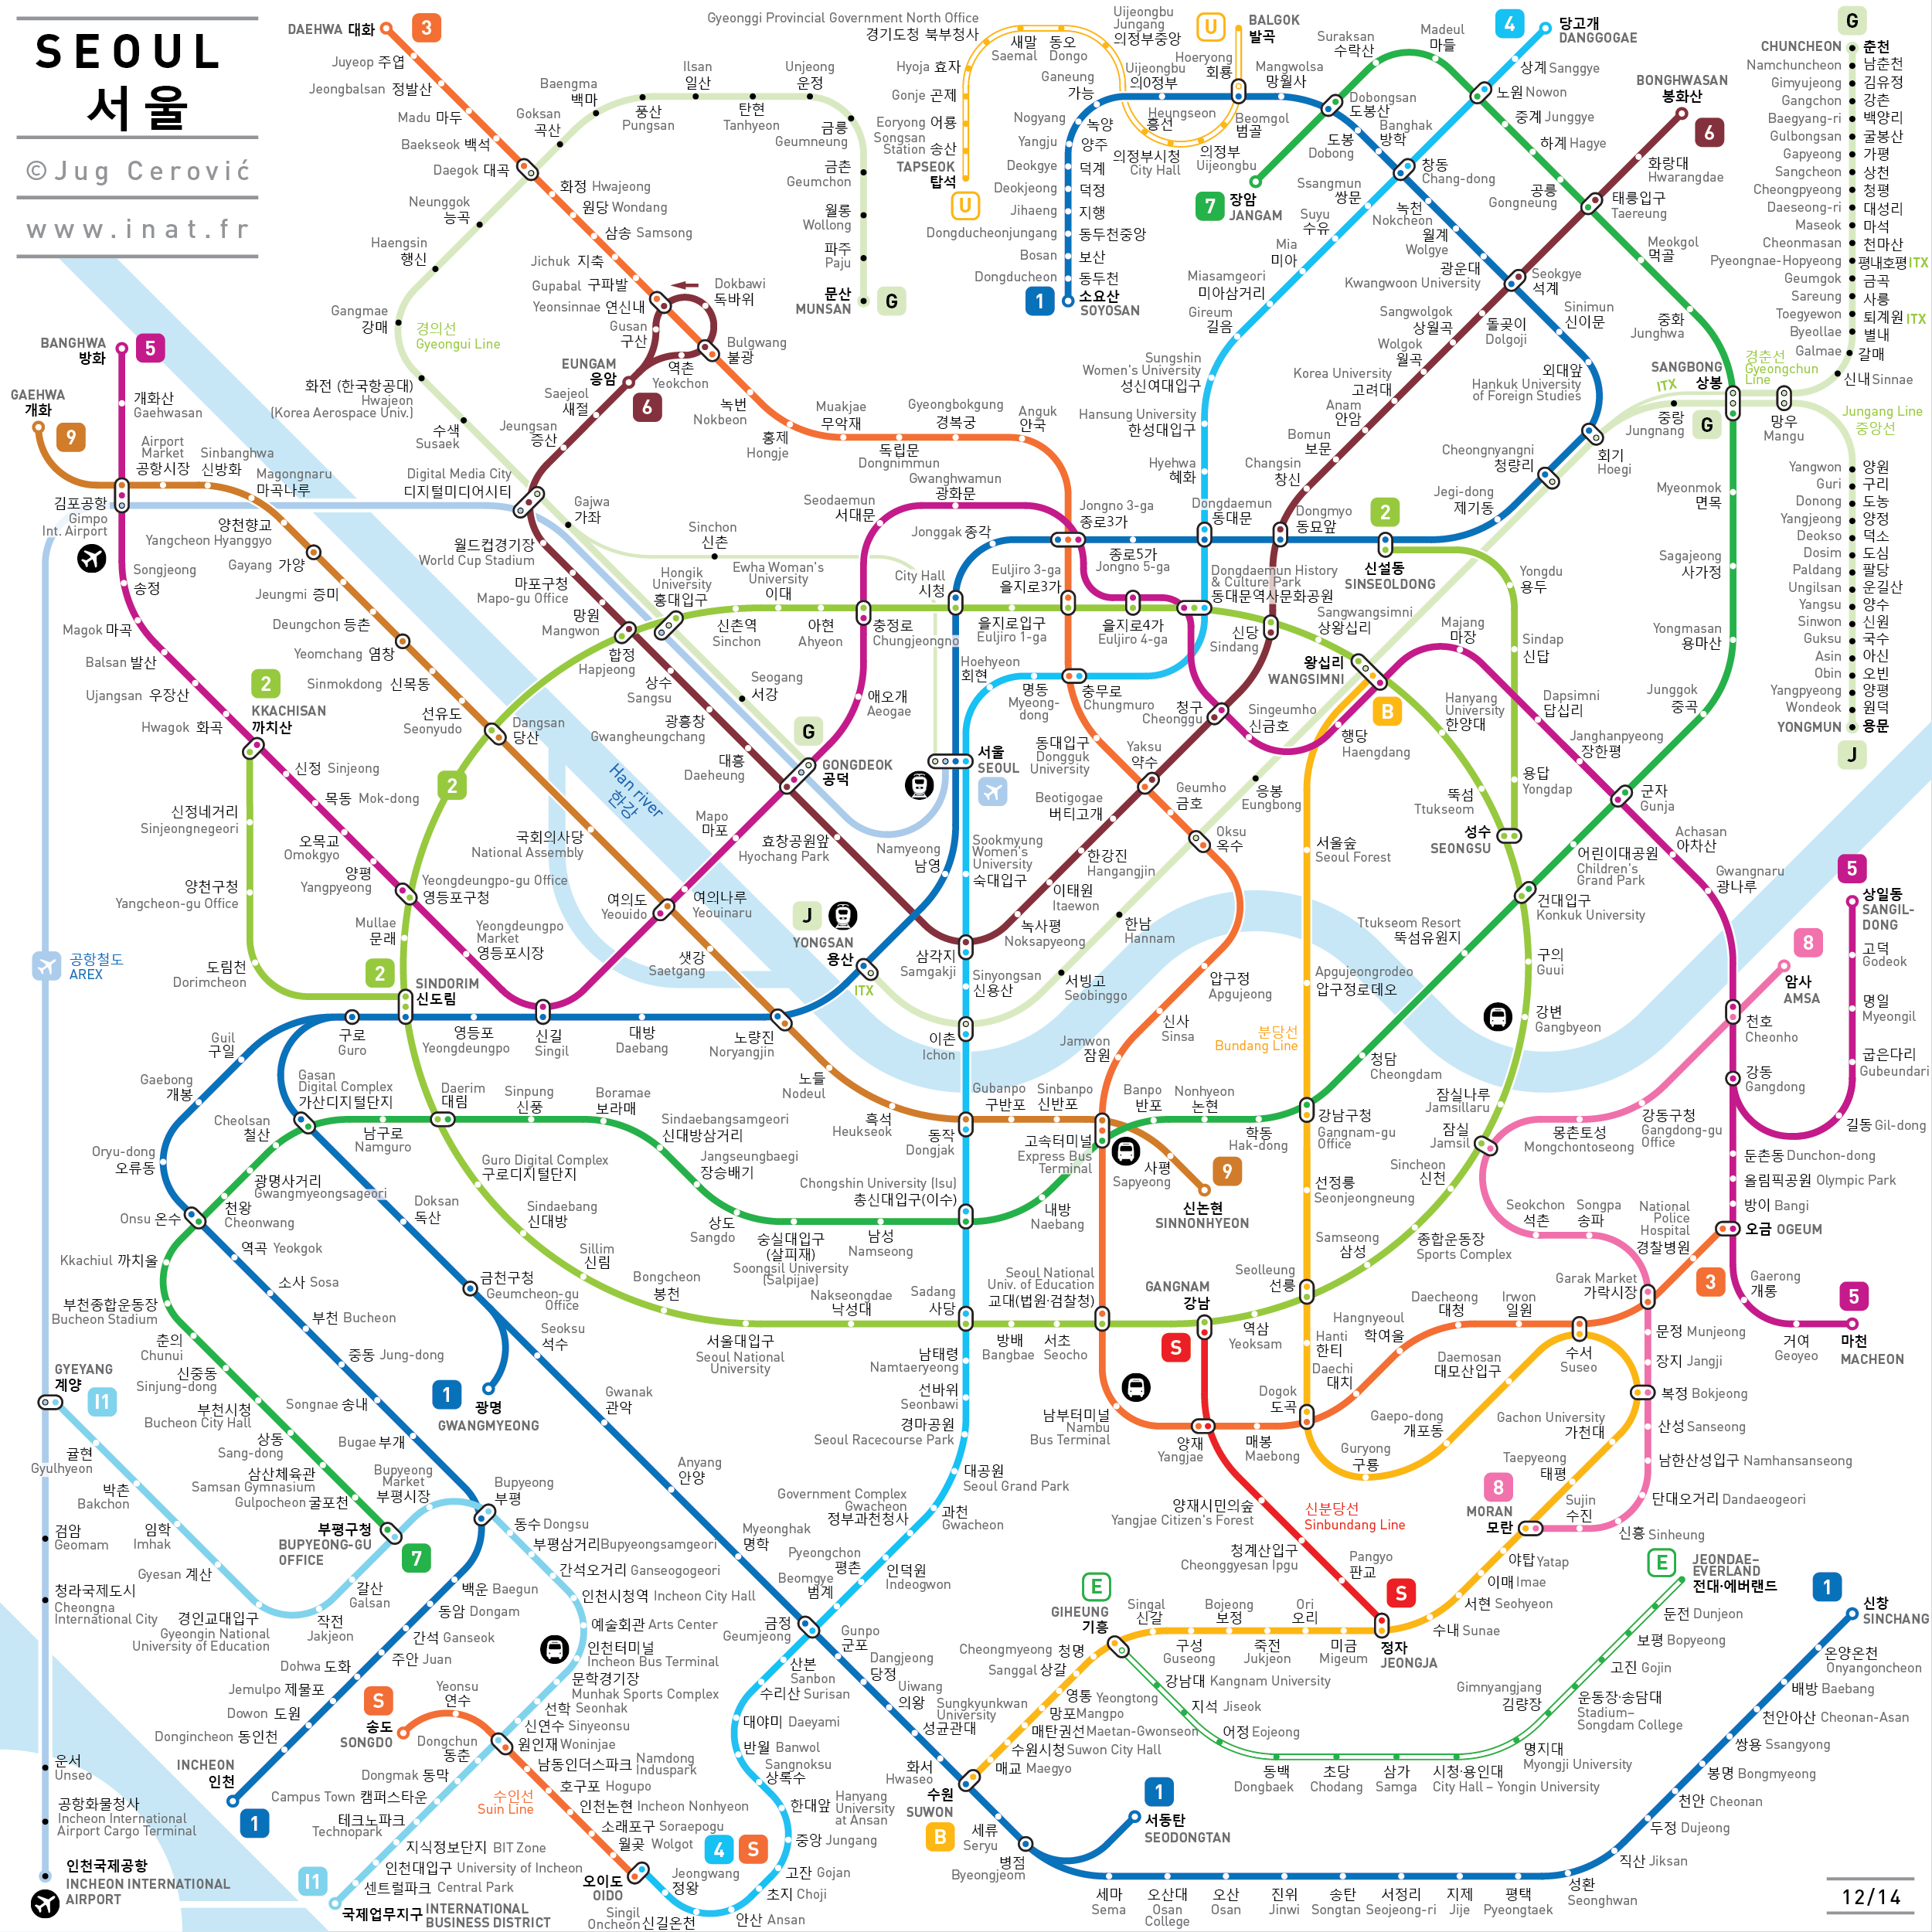 Seoul Metro Subway Map.Inat Metro Maps Metro Map Bus Map Subway Map